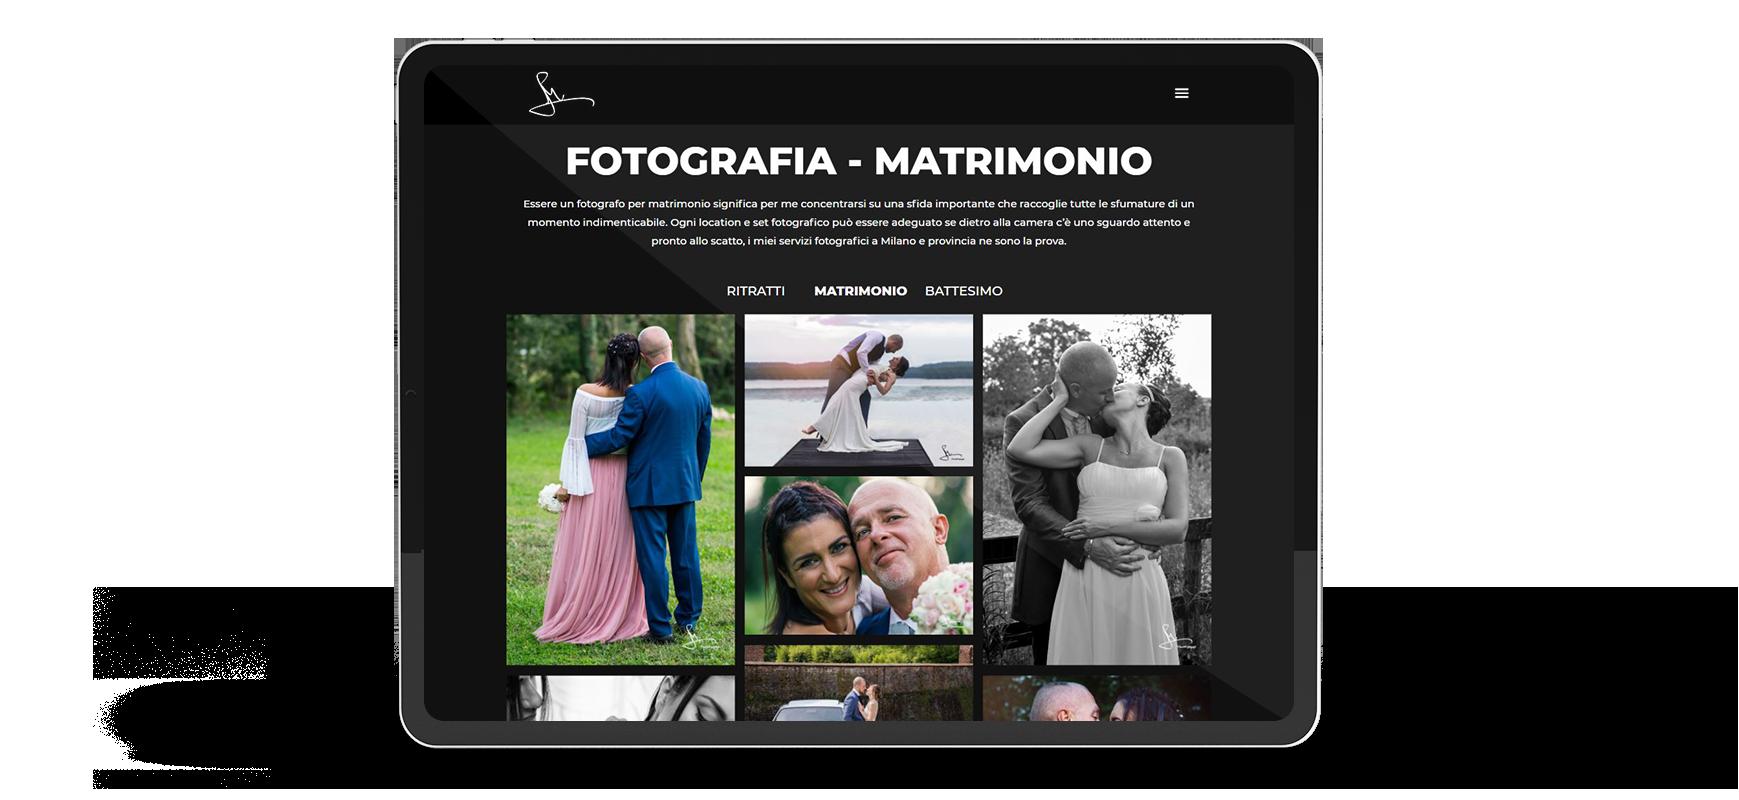 fotografie-matrimonio-matteo-locatelli-tablet